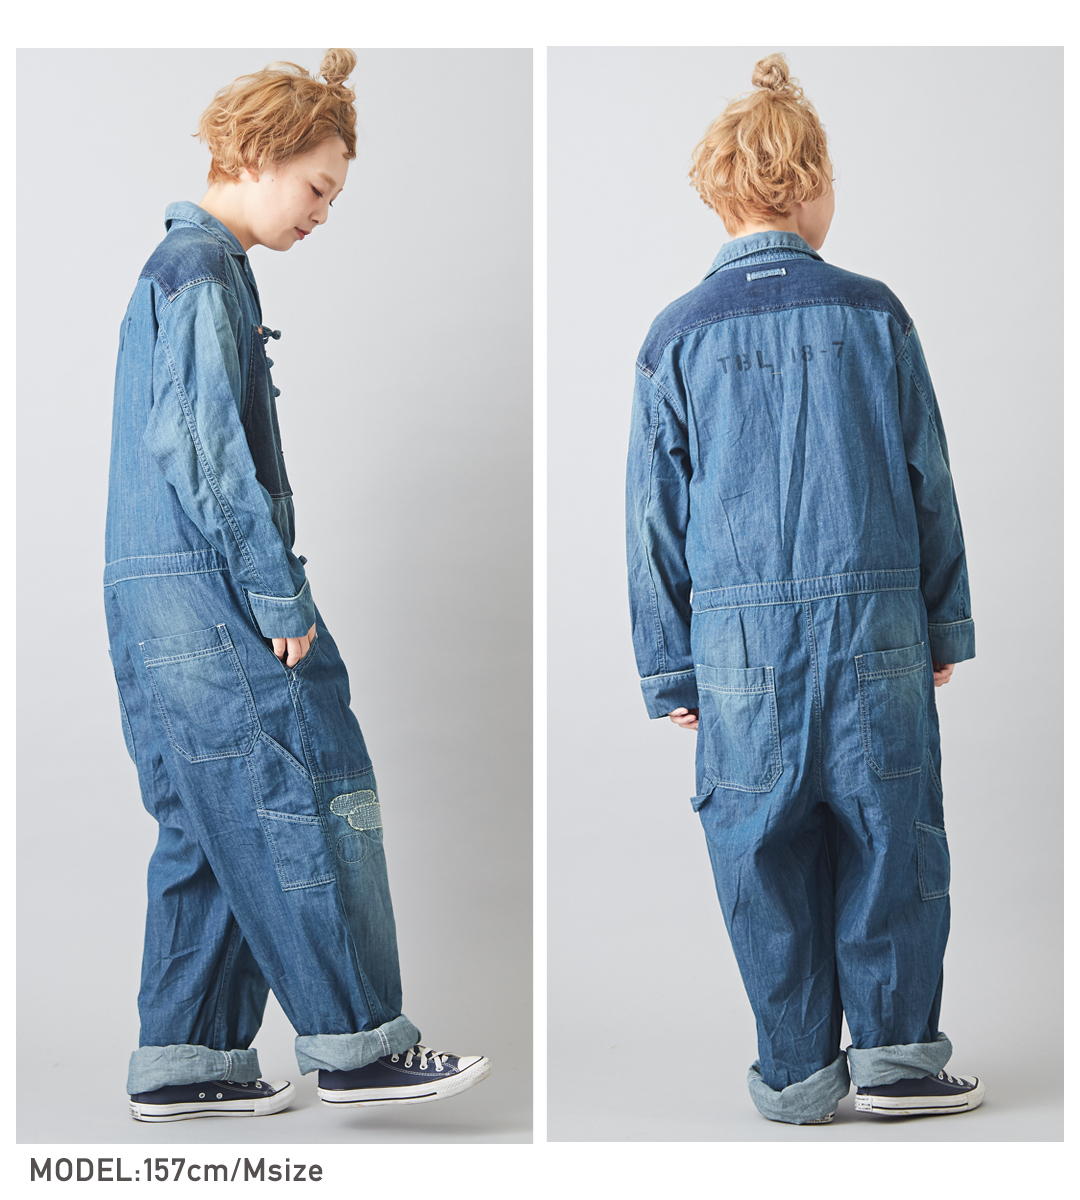 ジャンプスーツ/春新作/TOBILA(トビラ)7.5オンスデニムジャンプスーツ(2色):レディースサロペットオールインワンオーバーオールフルレングス長袖ロゴ